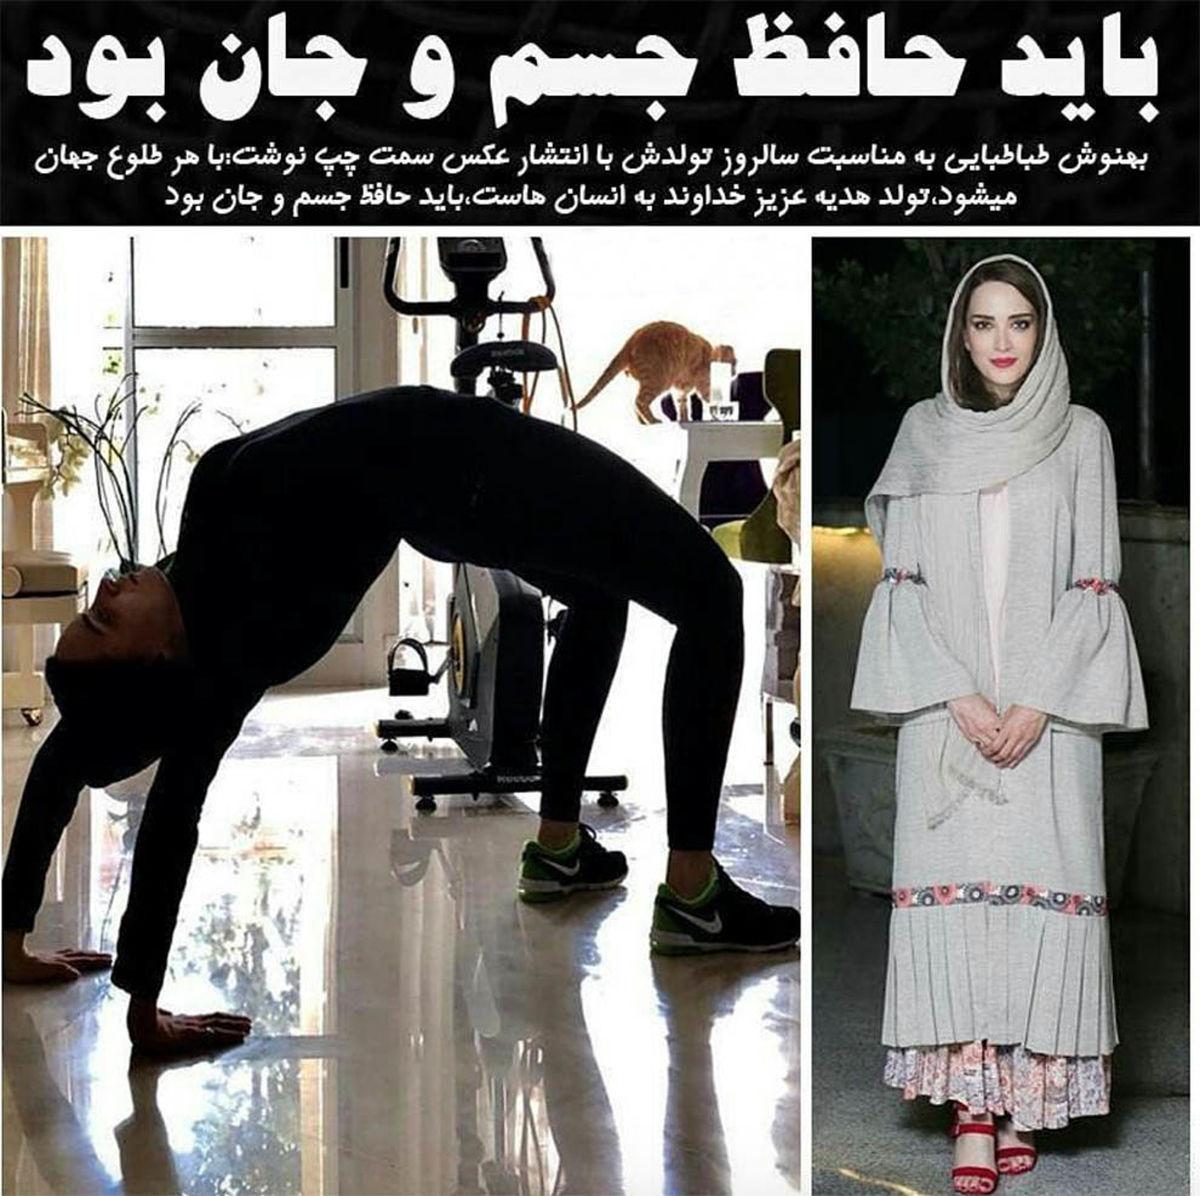 ورزش نامتعارف بهنوش طباطبایی در خانه اش + عکس